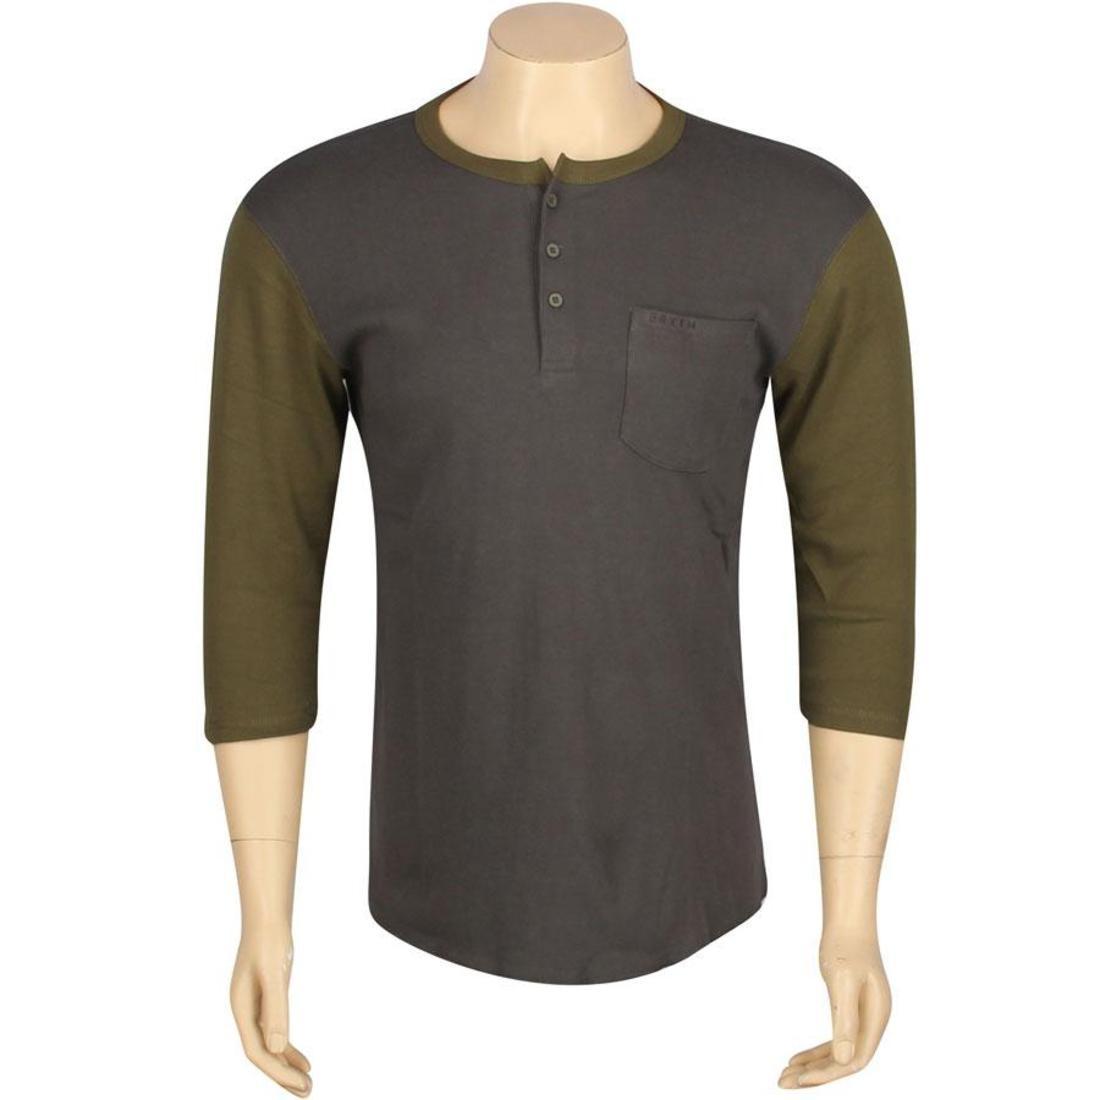 【海外限定】デトロイト Tシャツ トップス 【 BRIXTON DETROIT TEE CHARCOAL OLIVE 】